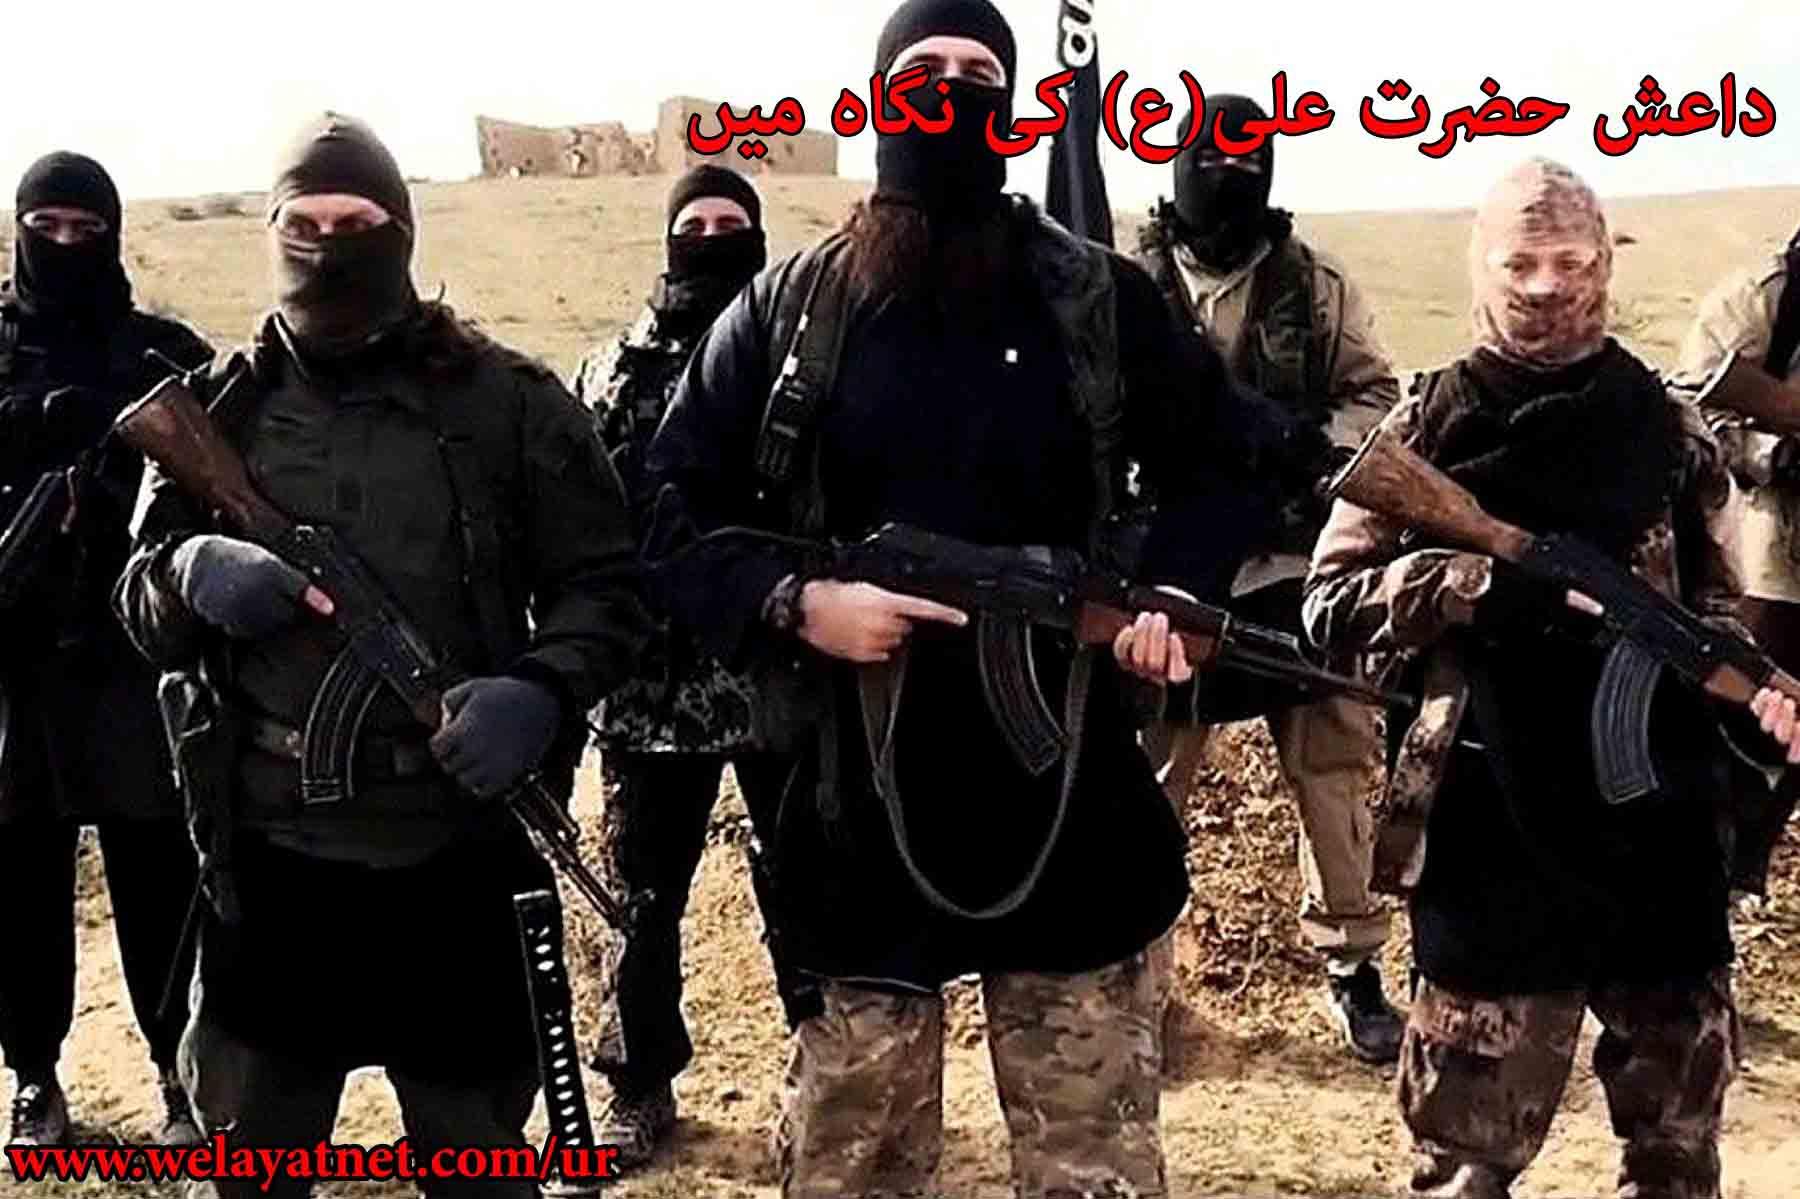 داعش حضرت علی (ع)کی نگاہ میں